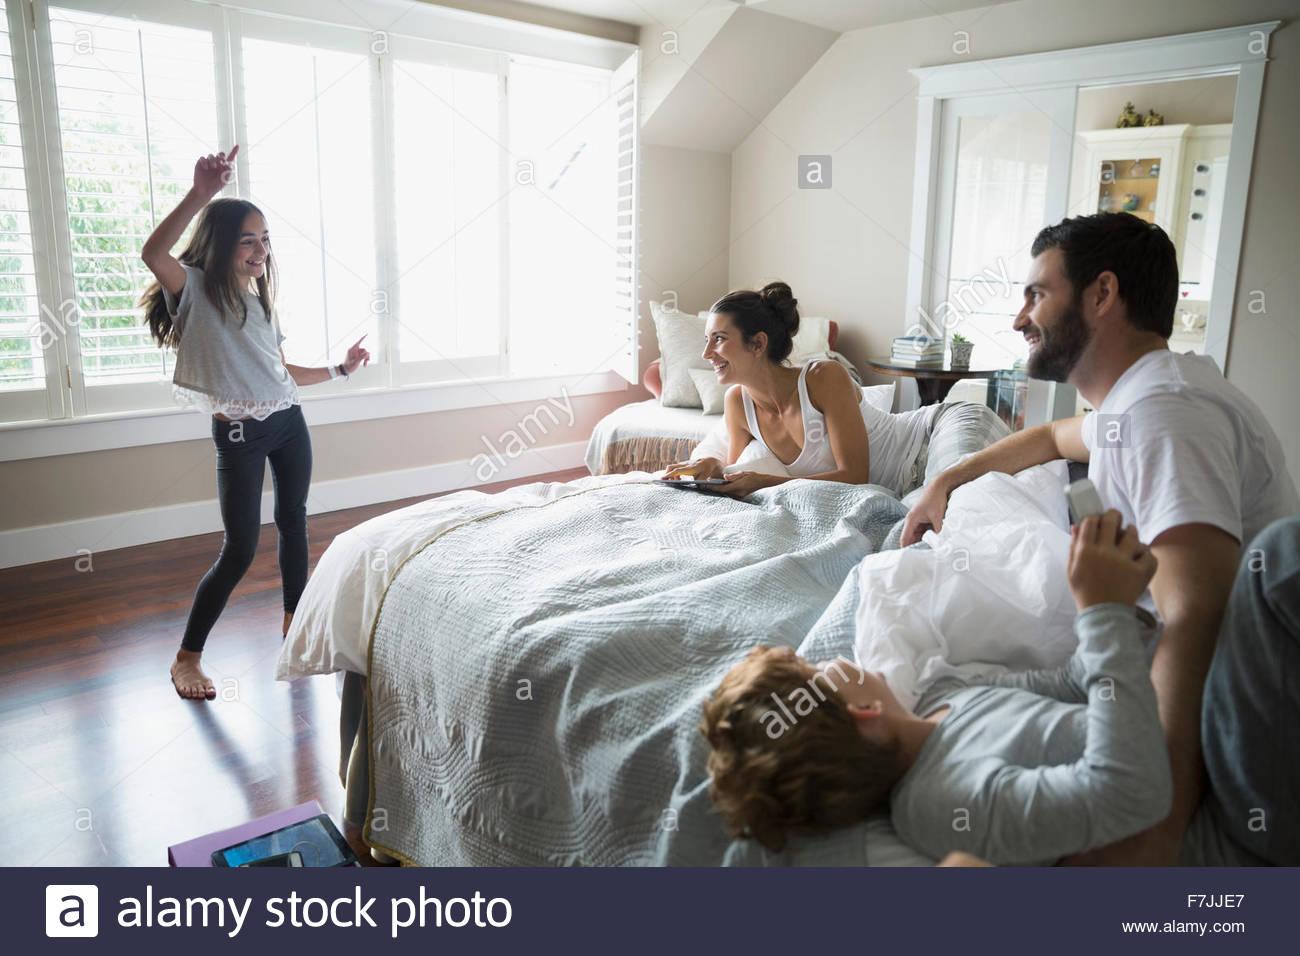 Familie beobachten Mädchen tanzen im Schlafzimmer Stockbild